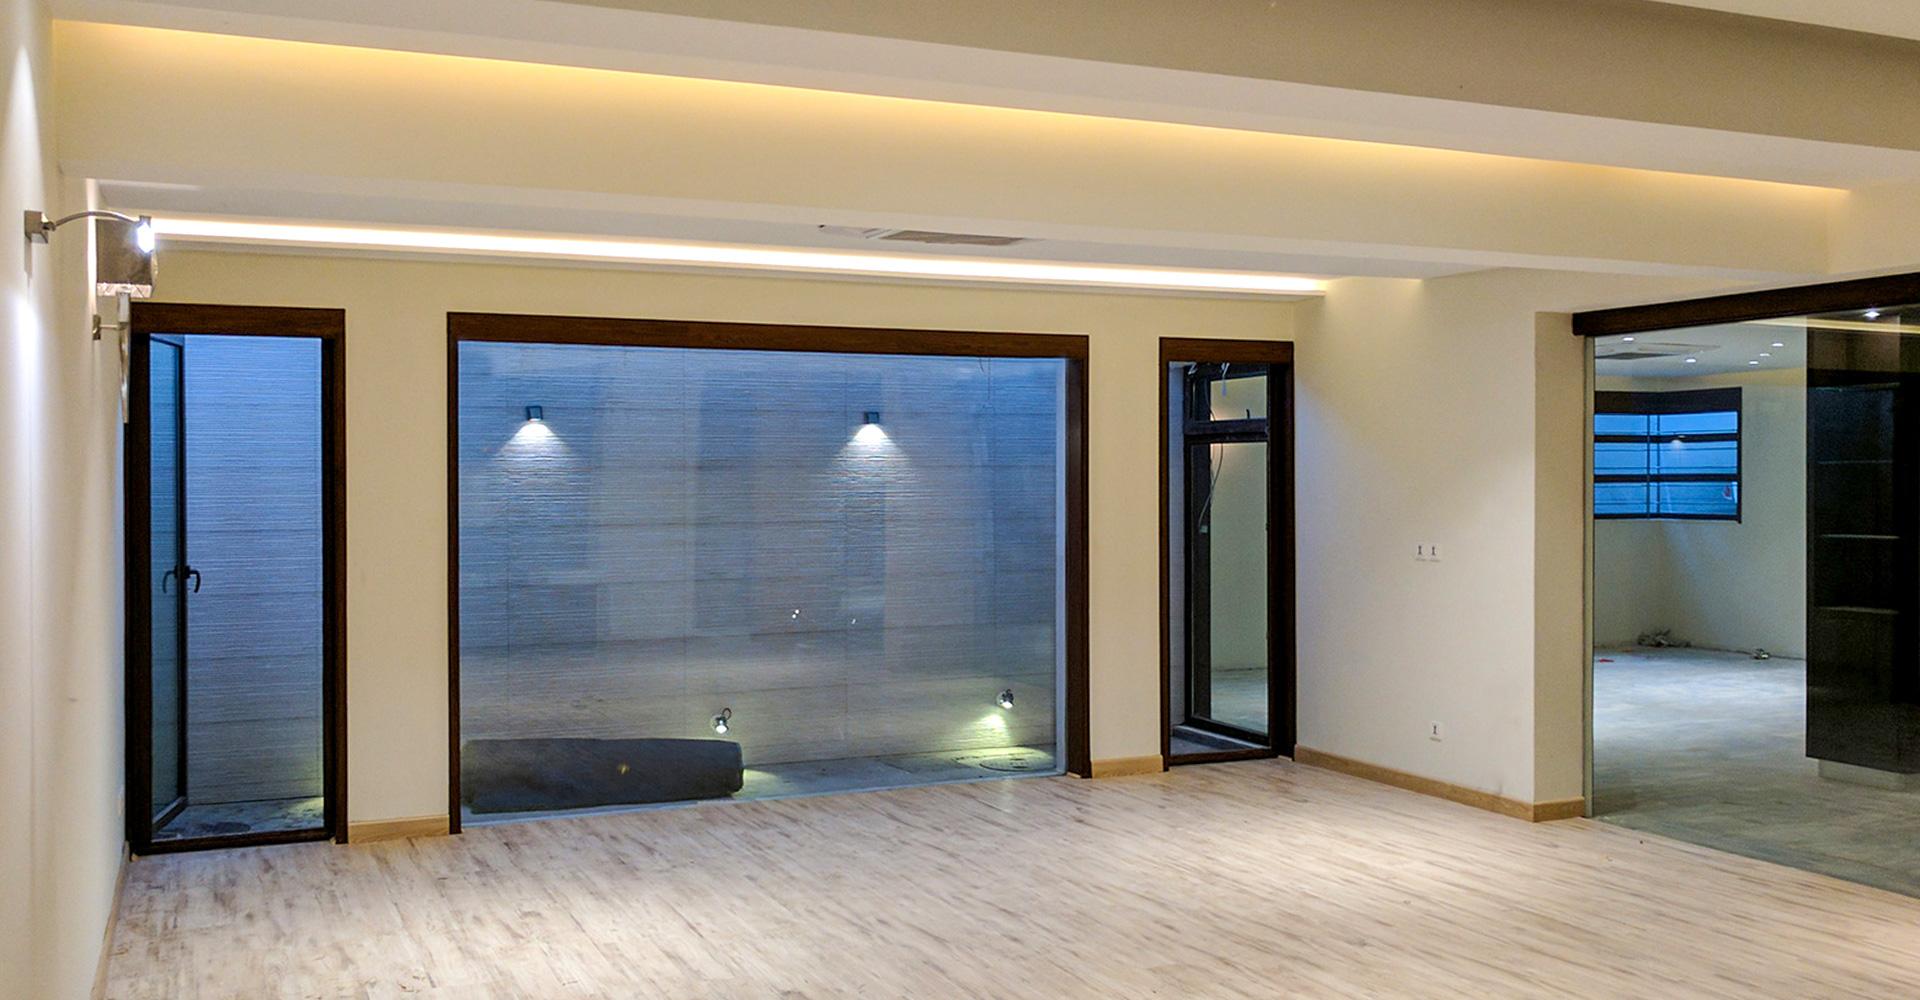 Residential-Interior-Design-Hiline-Lahore-portfolio-65J-DHA-EME-05 (22)